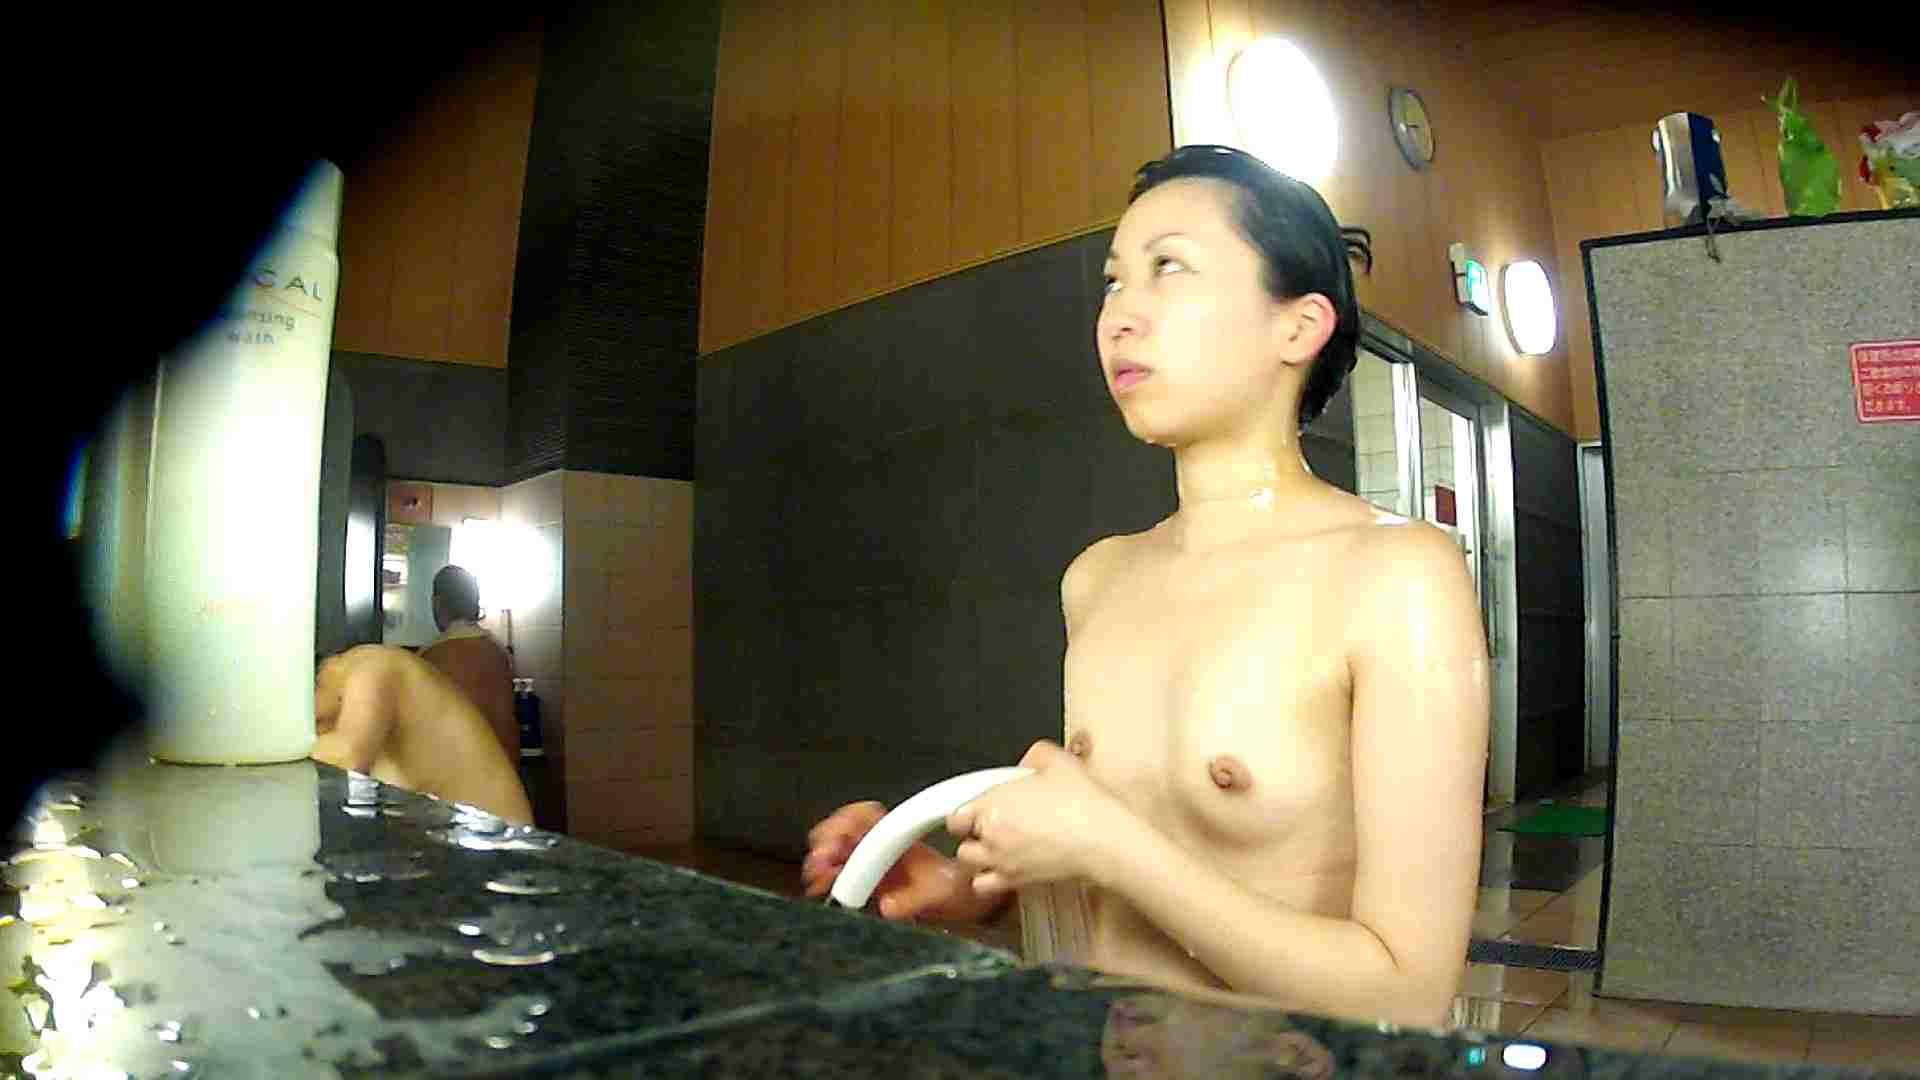 洗い場!前半のモヤを吹き飛ばす美貧乳お嬢さん 貧乳  17連発 4